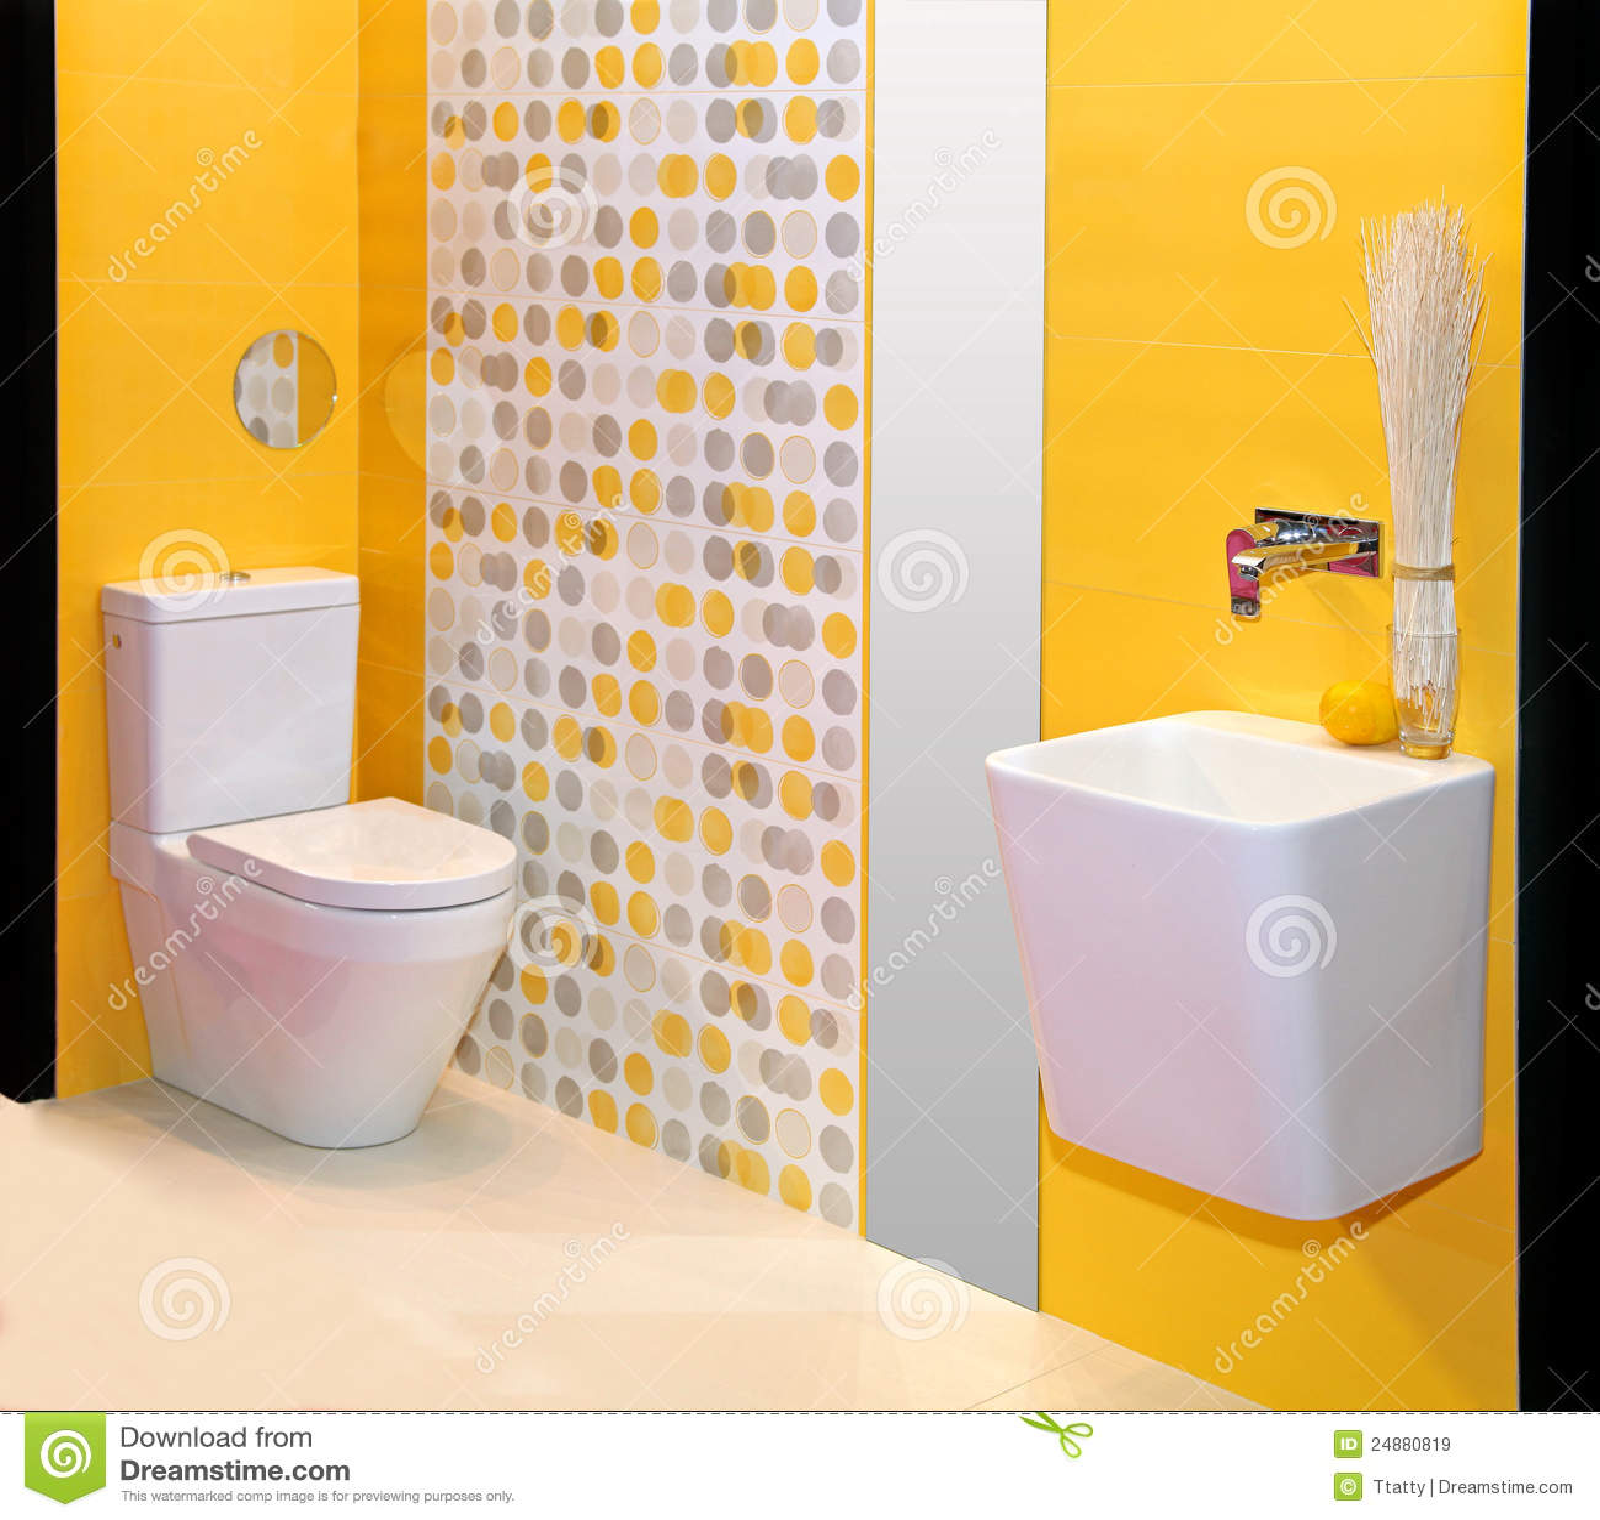 Baños Modernos Amarillos:Interior minimalistic moderno del cuarto de baño con las paredes